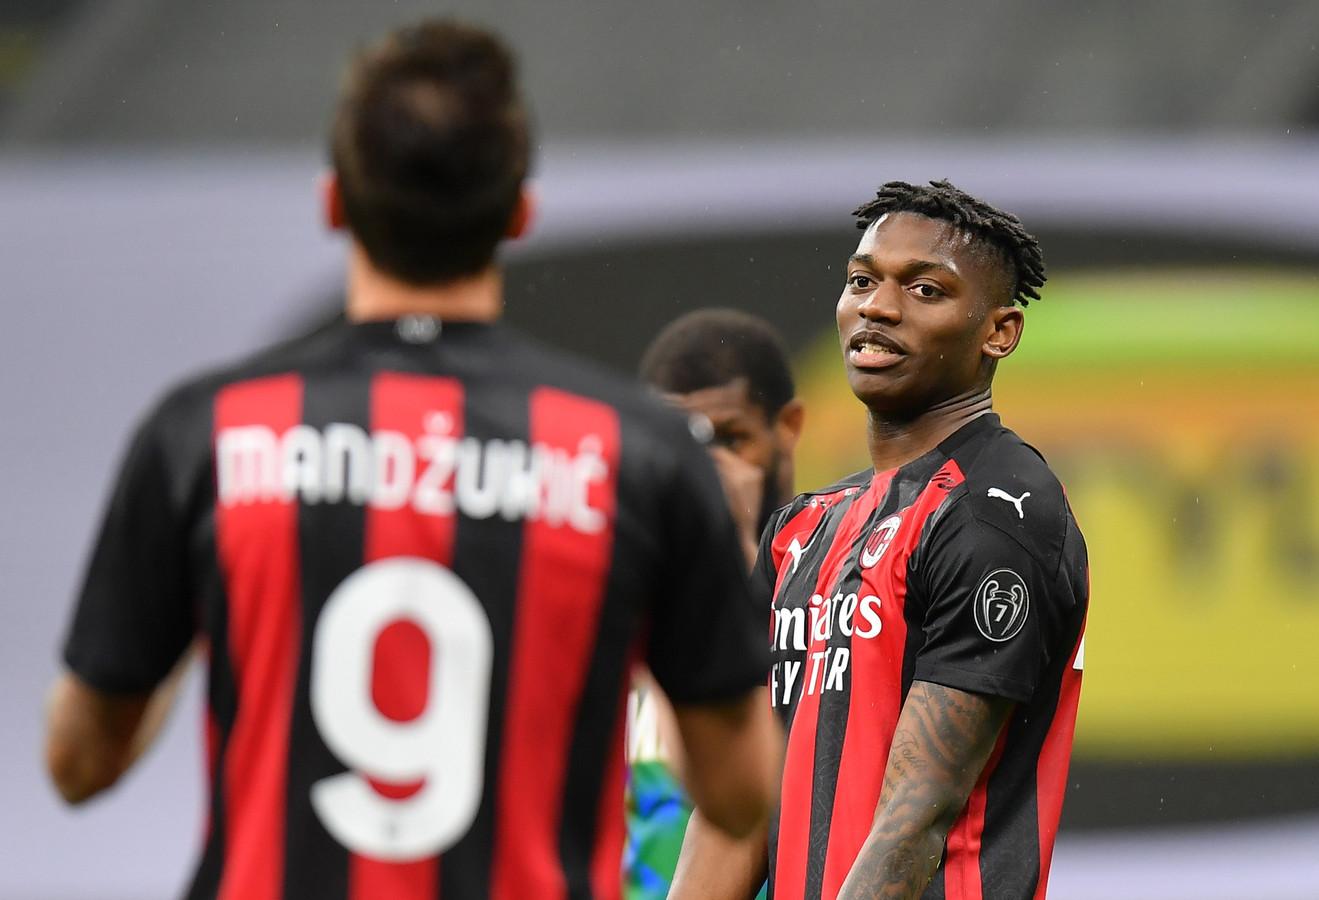 Ongeloof bij Rafael Leao en Mario Mandzukic nadat AC Milan een voorsprong heeft verspeeld.